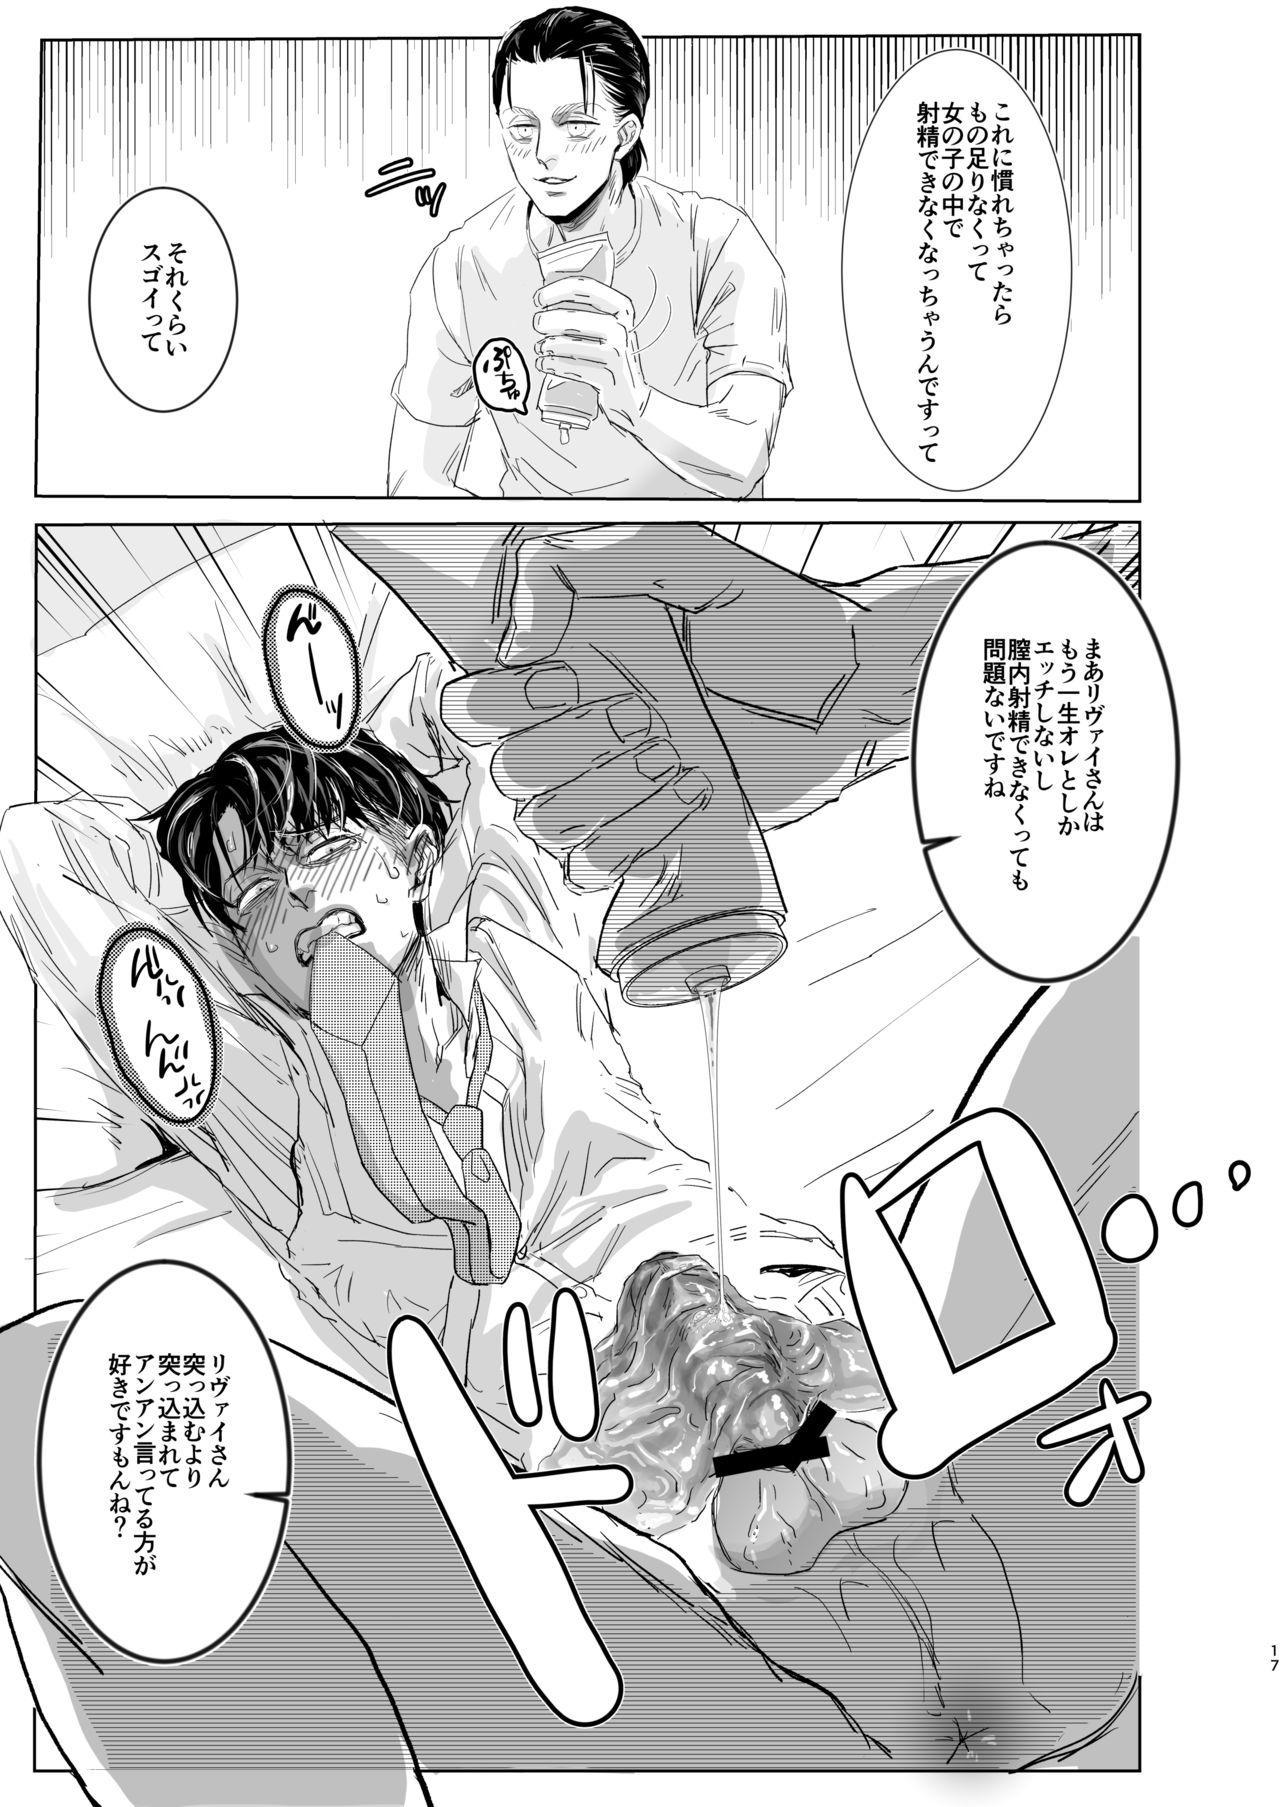 Ore no Kareshi ga Ore no Nioi o Sukisugite Komaru! 15